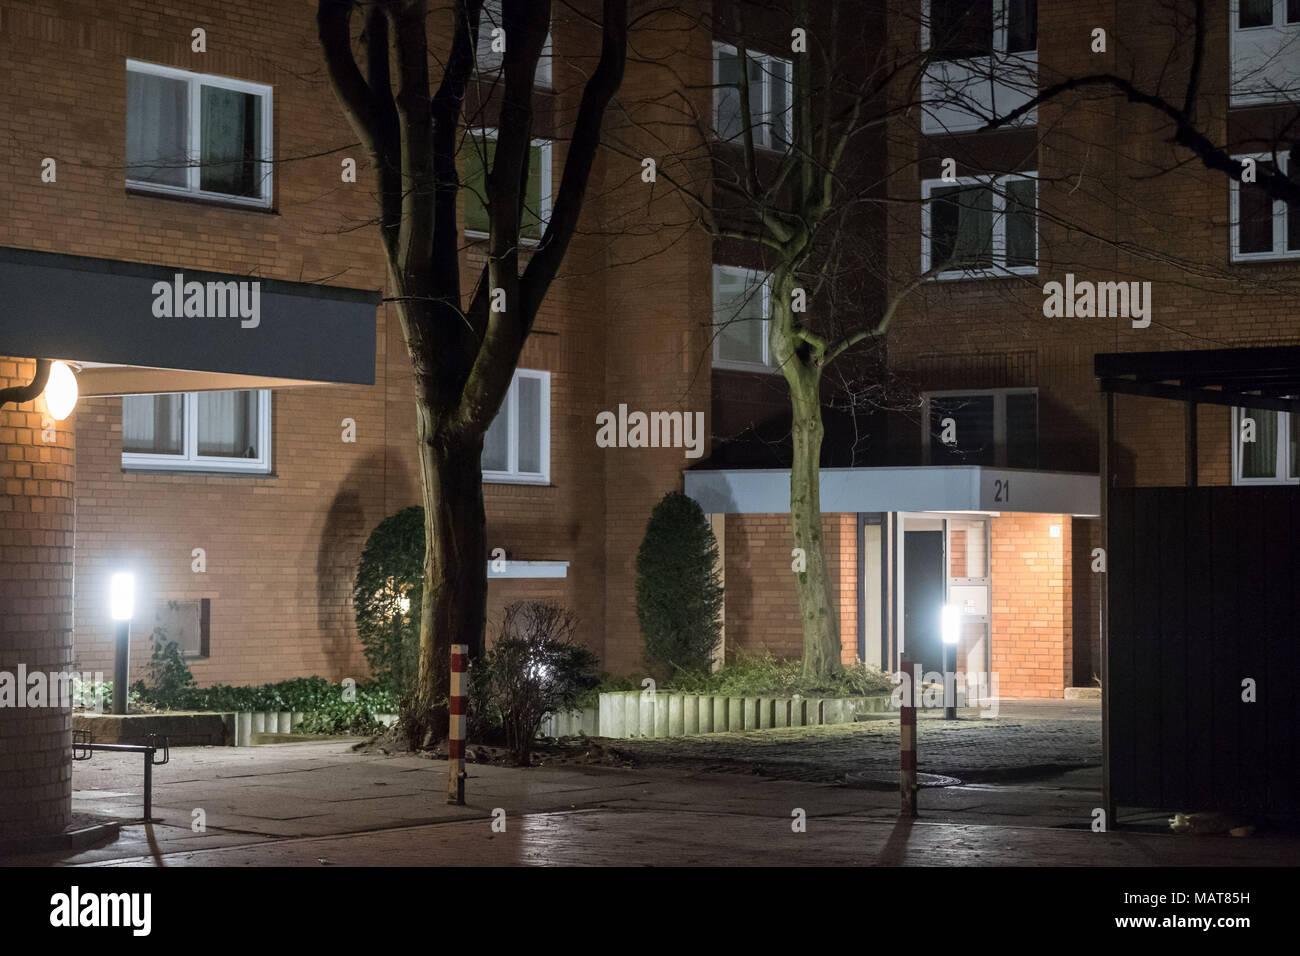 04 marzo 2018, Germania, Hannover: vista dell'ingresso di un appartamento nel quartiere Gross-Buchholz, dove due morti sono stati trovati. Quelli erano la 53 anno di età della donna e la sua 27 enne figlio. Le forze di polizia non sono attualmente assumendo un reato violento. Foto: Peter Steffen/dpa Immagini Stock